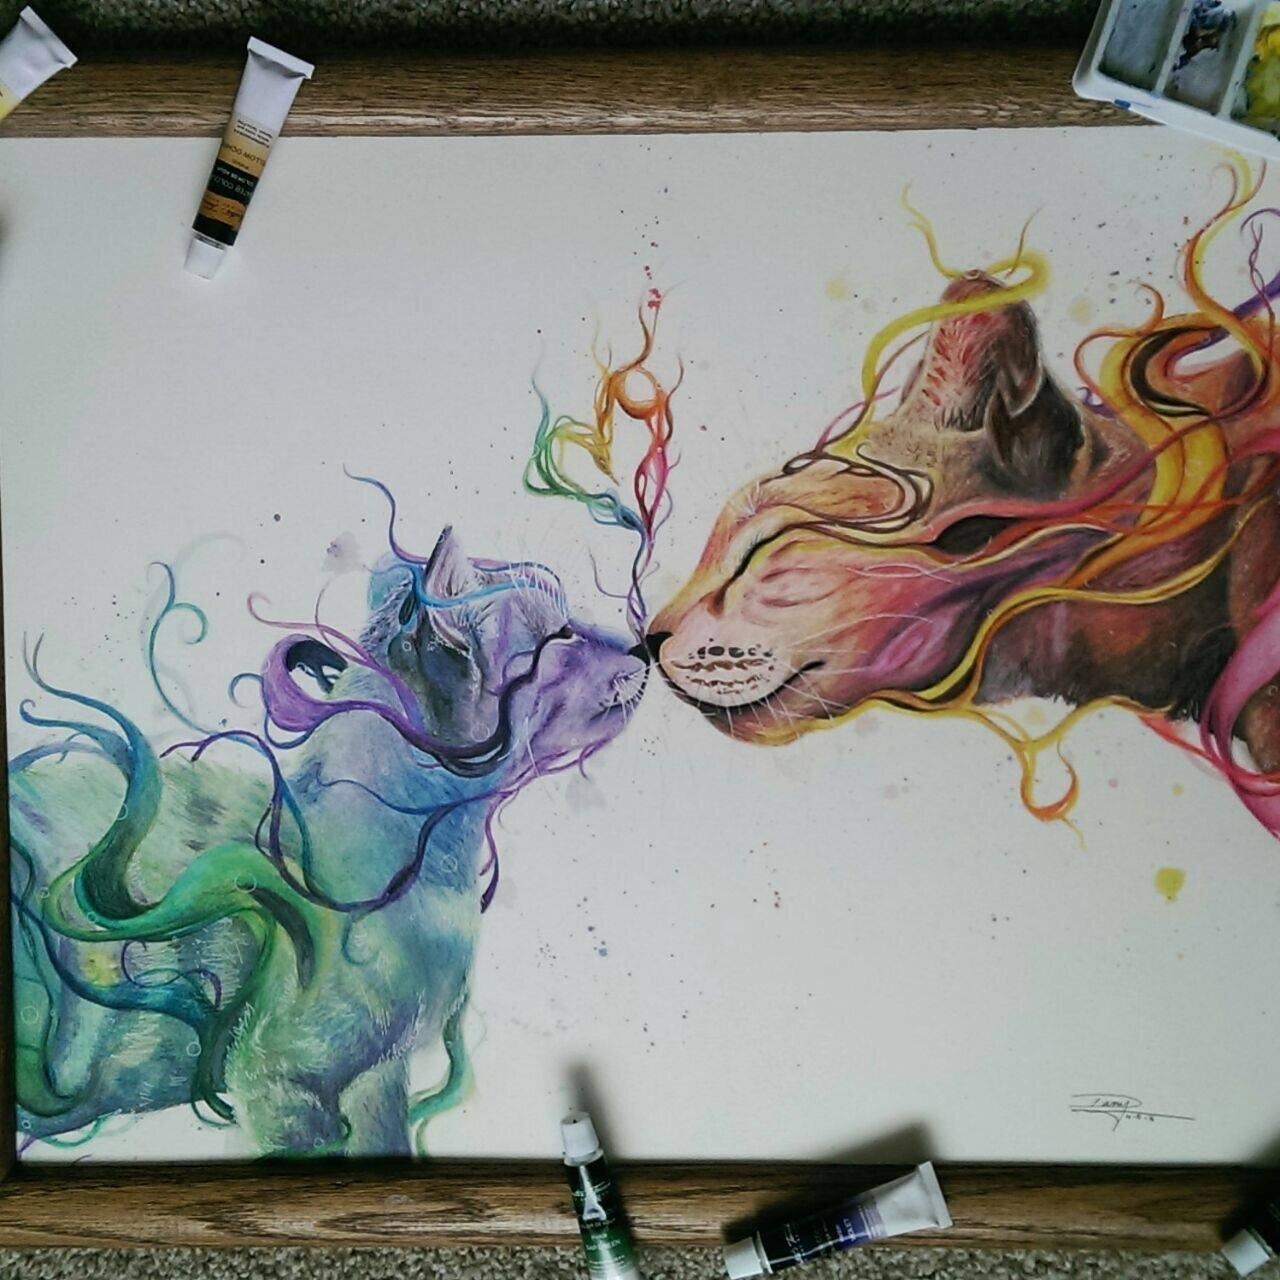 Bức tranh màu nước được khắc họa sáng tạo của họa sĩ Dany Lizeth